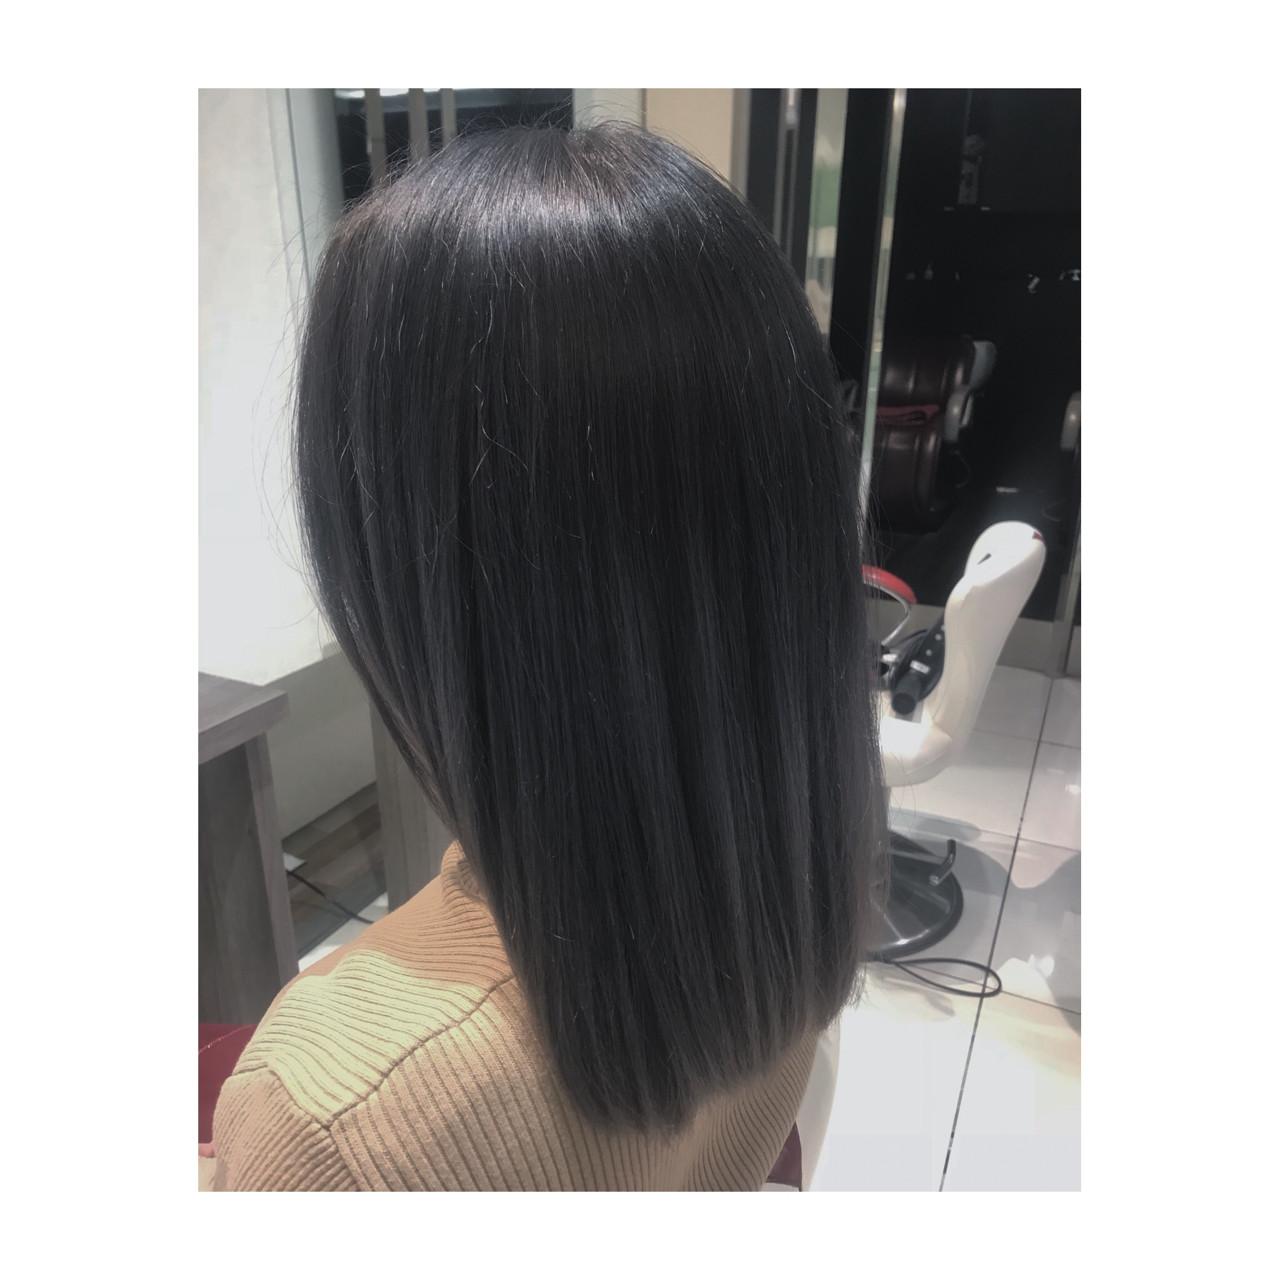 アッシュ 外国人風カラー ミディアム ブリーチ ヘアスタイルや髪型の写真・画像